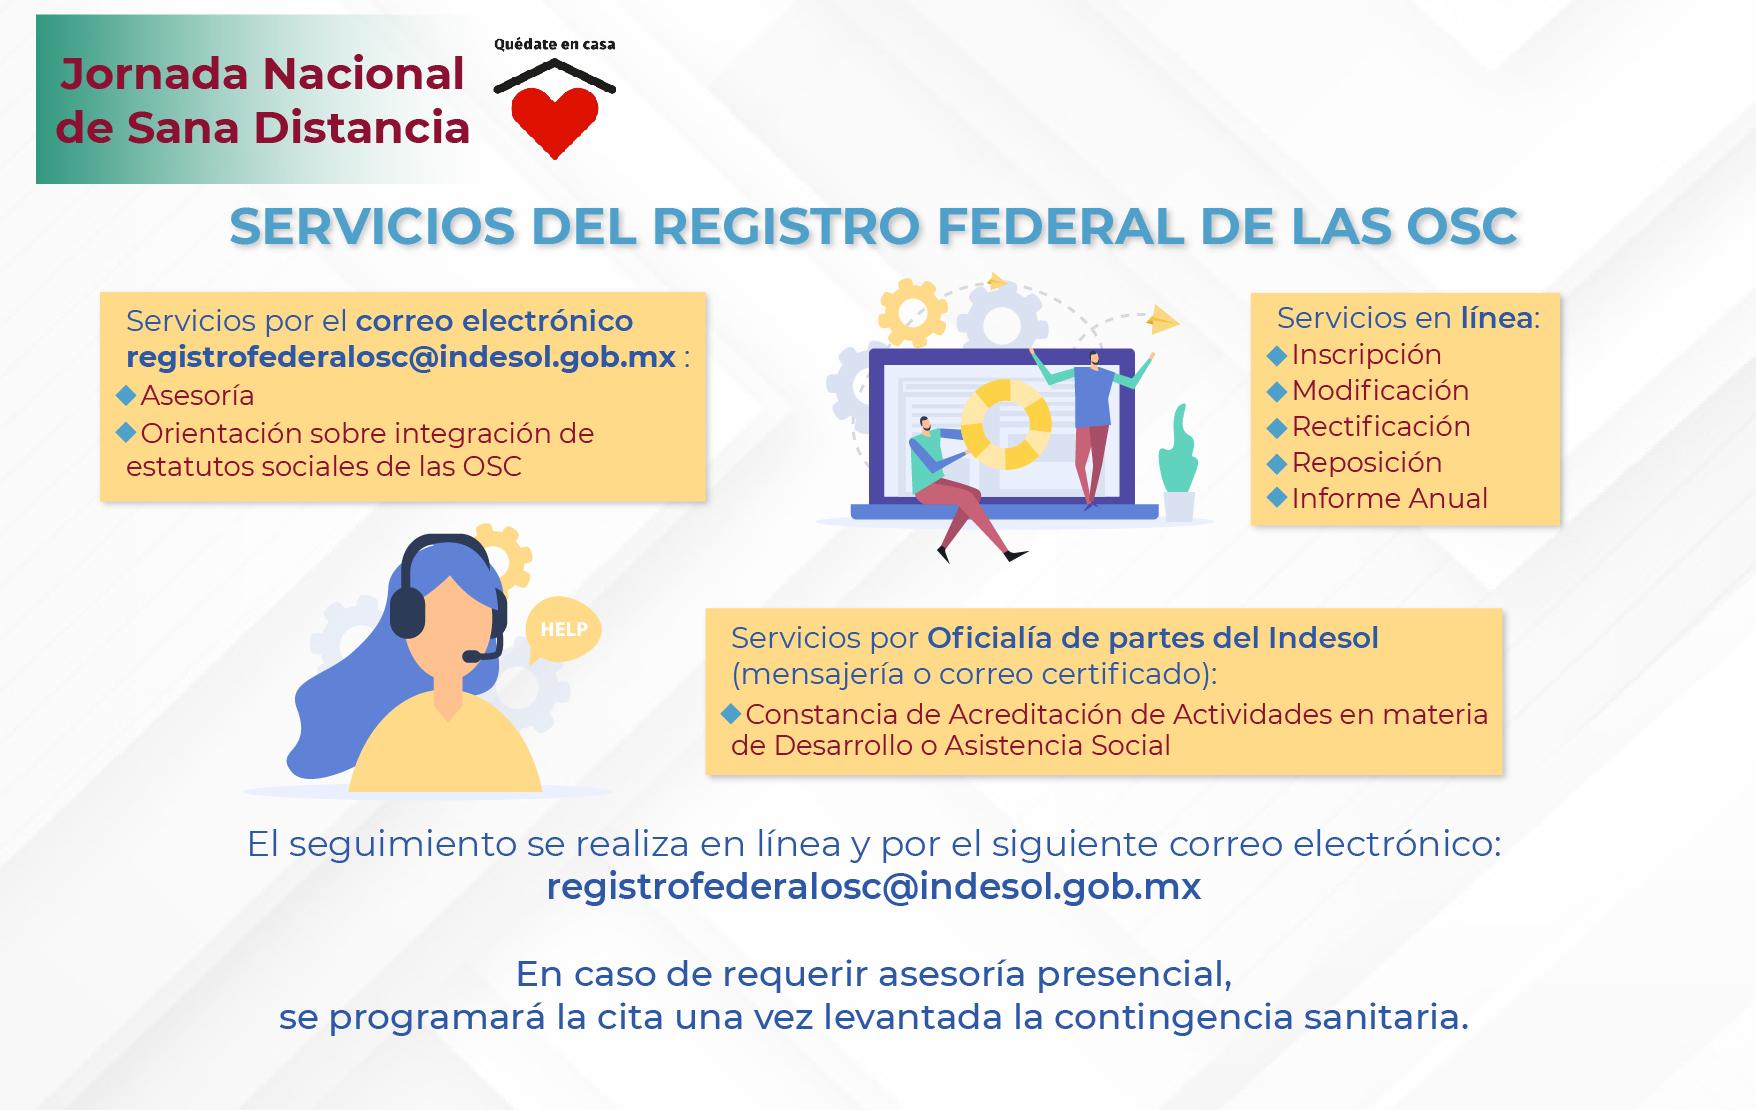 SERVICIOS DEL REGISTRO FEDERAL DE LAS OSC